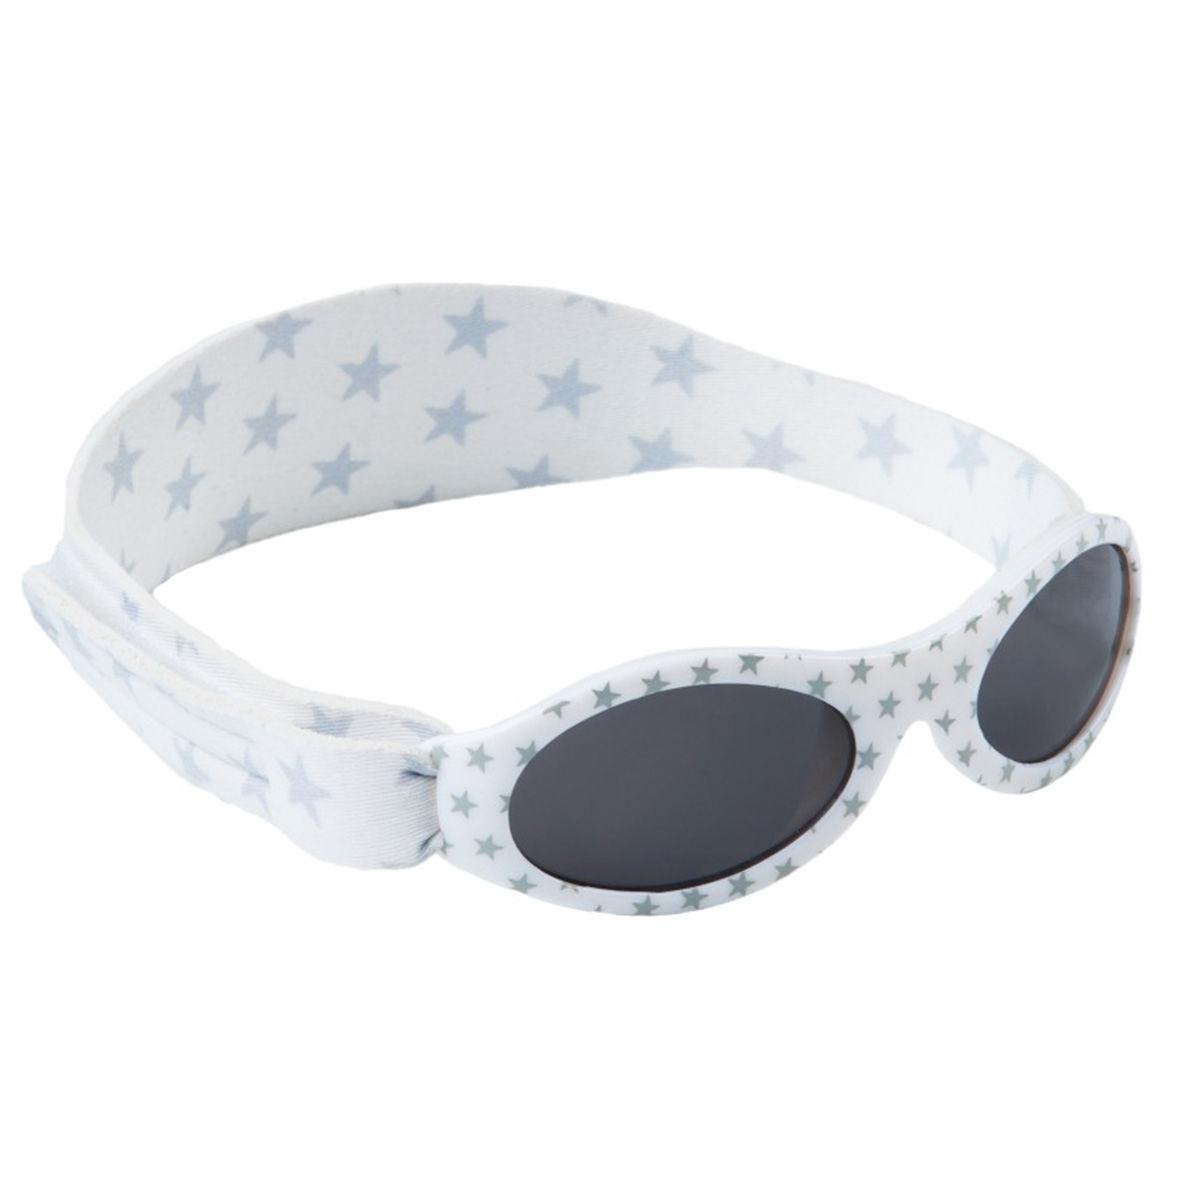 Afbeelding van Dooky BabyBanz Zonnebril (0-2 jaar) Silver Stars